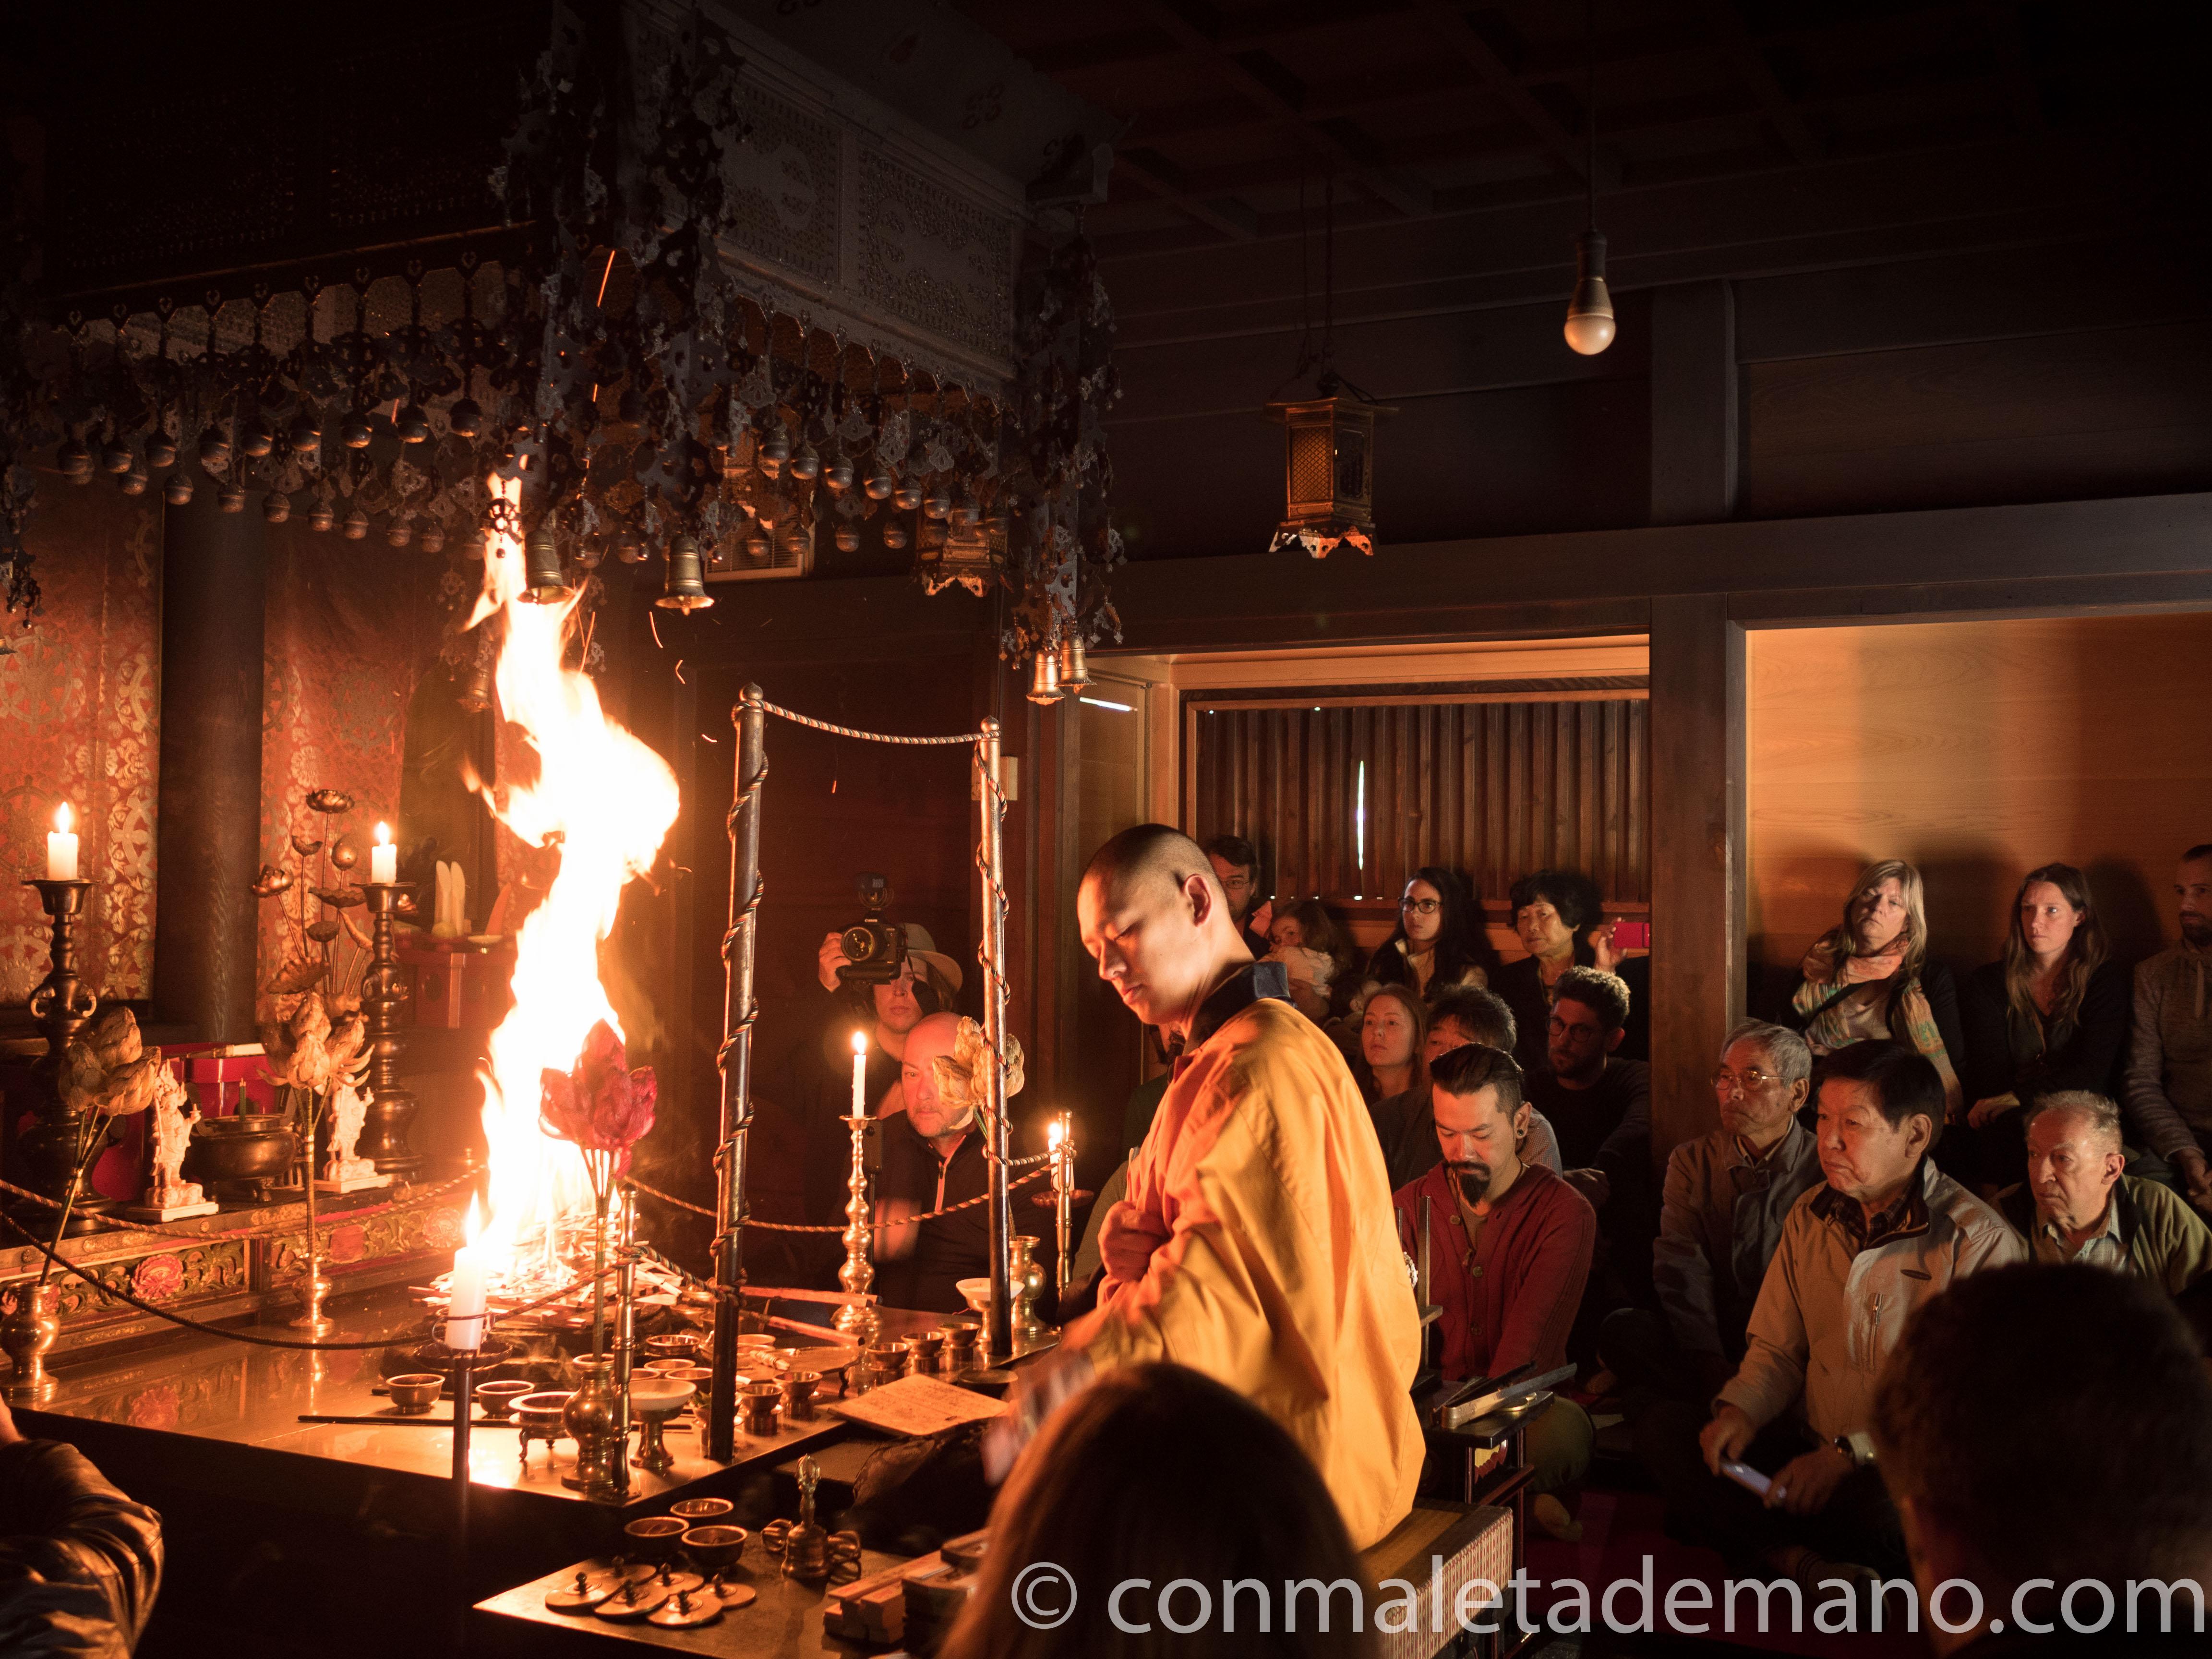 Ceremonia de fuego, en el Monasterio Eko-in